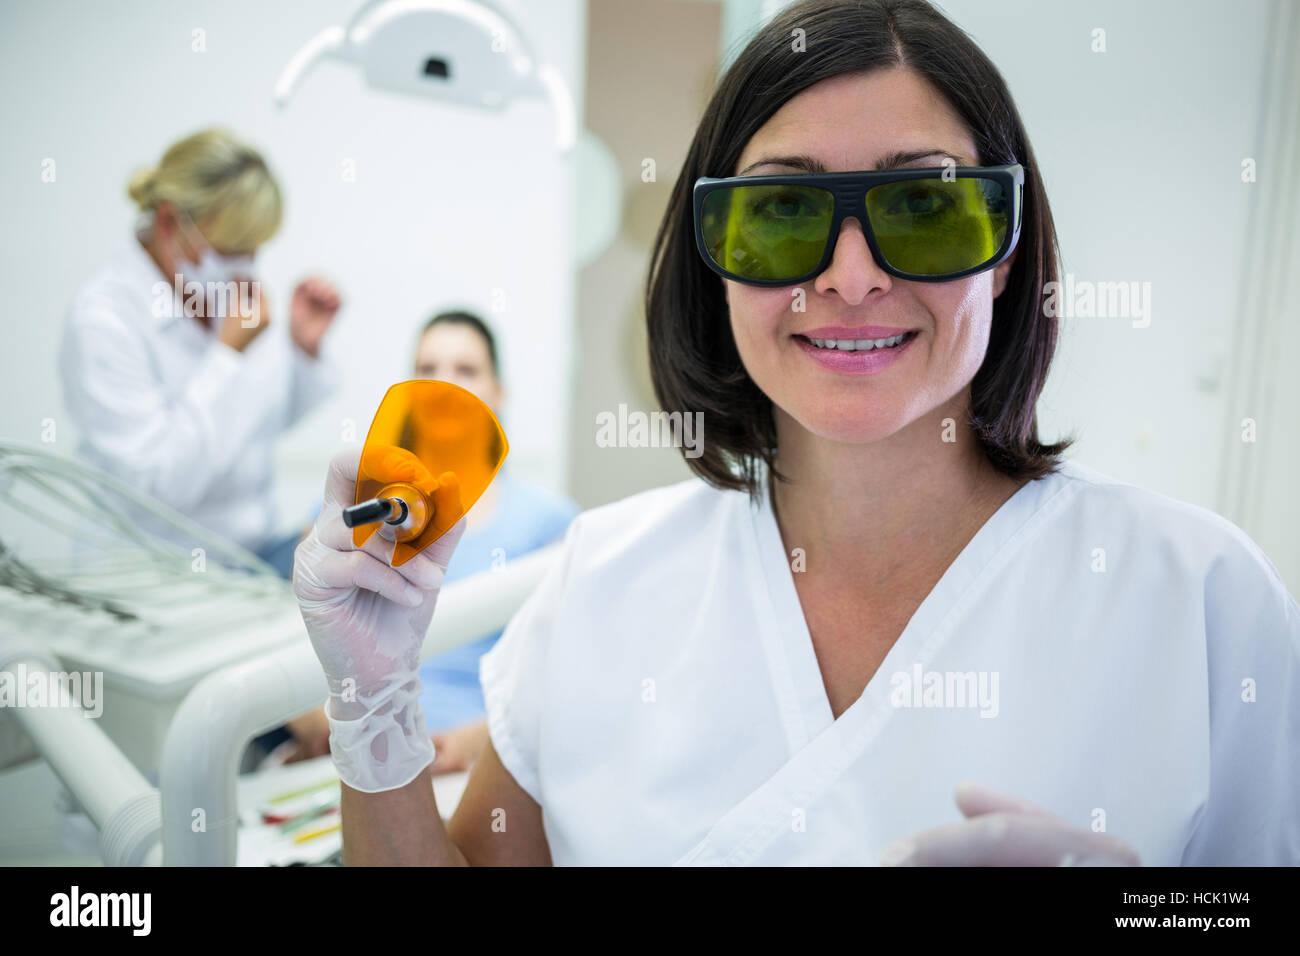 Dentist holding a dental curing ultraviolet light - Stock Image